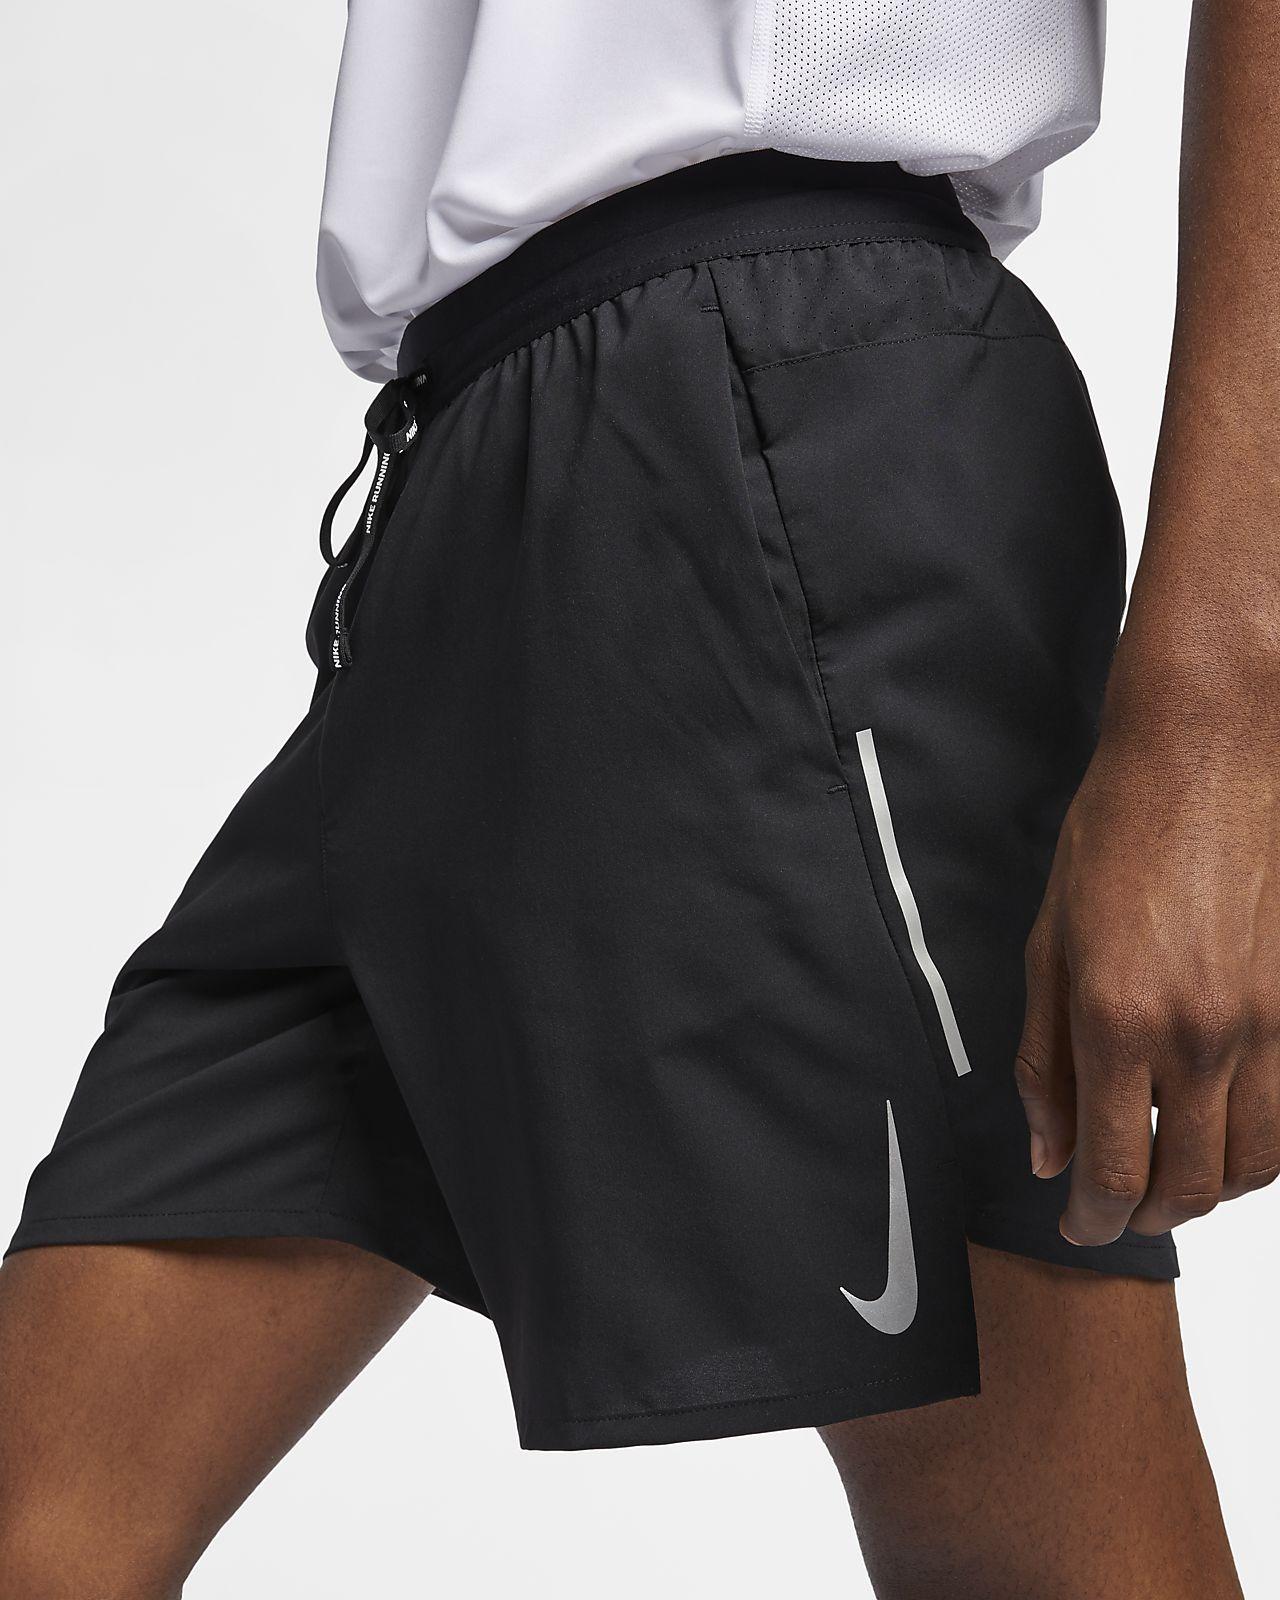 Nike Flex Stride-løbeshorts (18 cm) til mænd